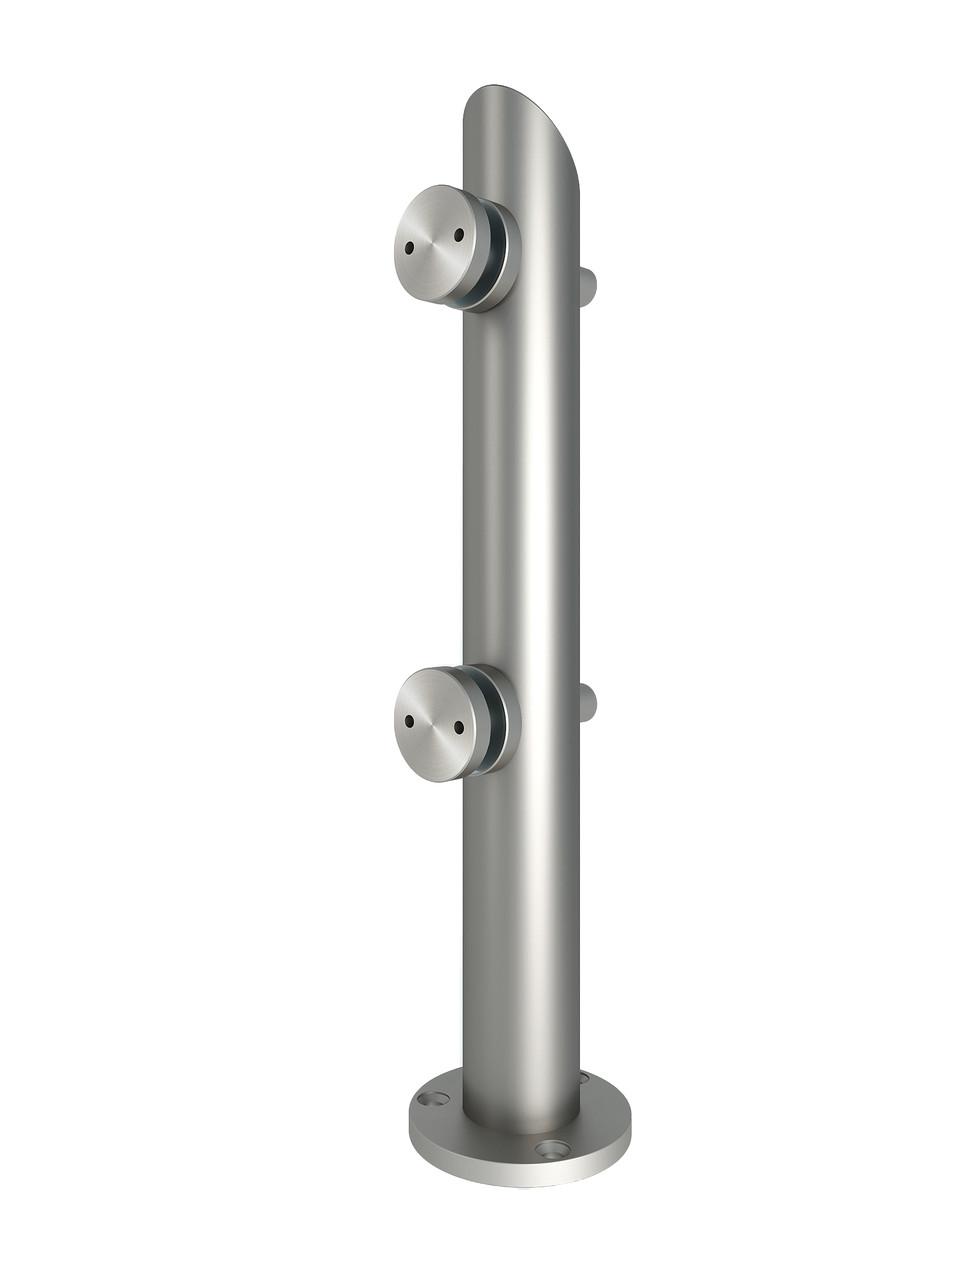 ODF-02-32-01-H370 Стойка с регулировкой коннекторов, высотой H370 mm, d42,4 mm, сатин